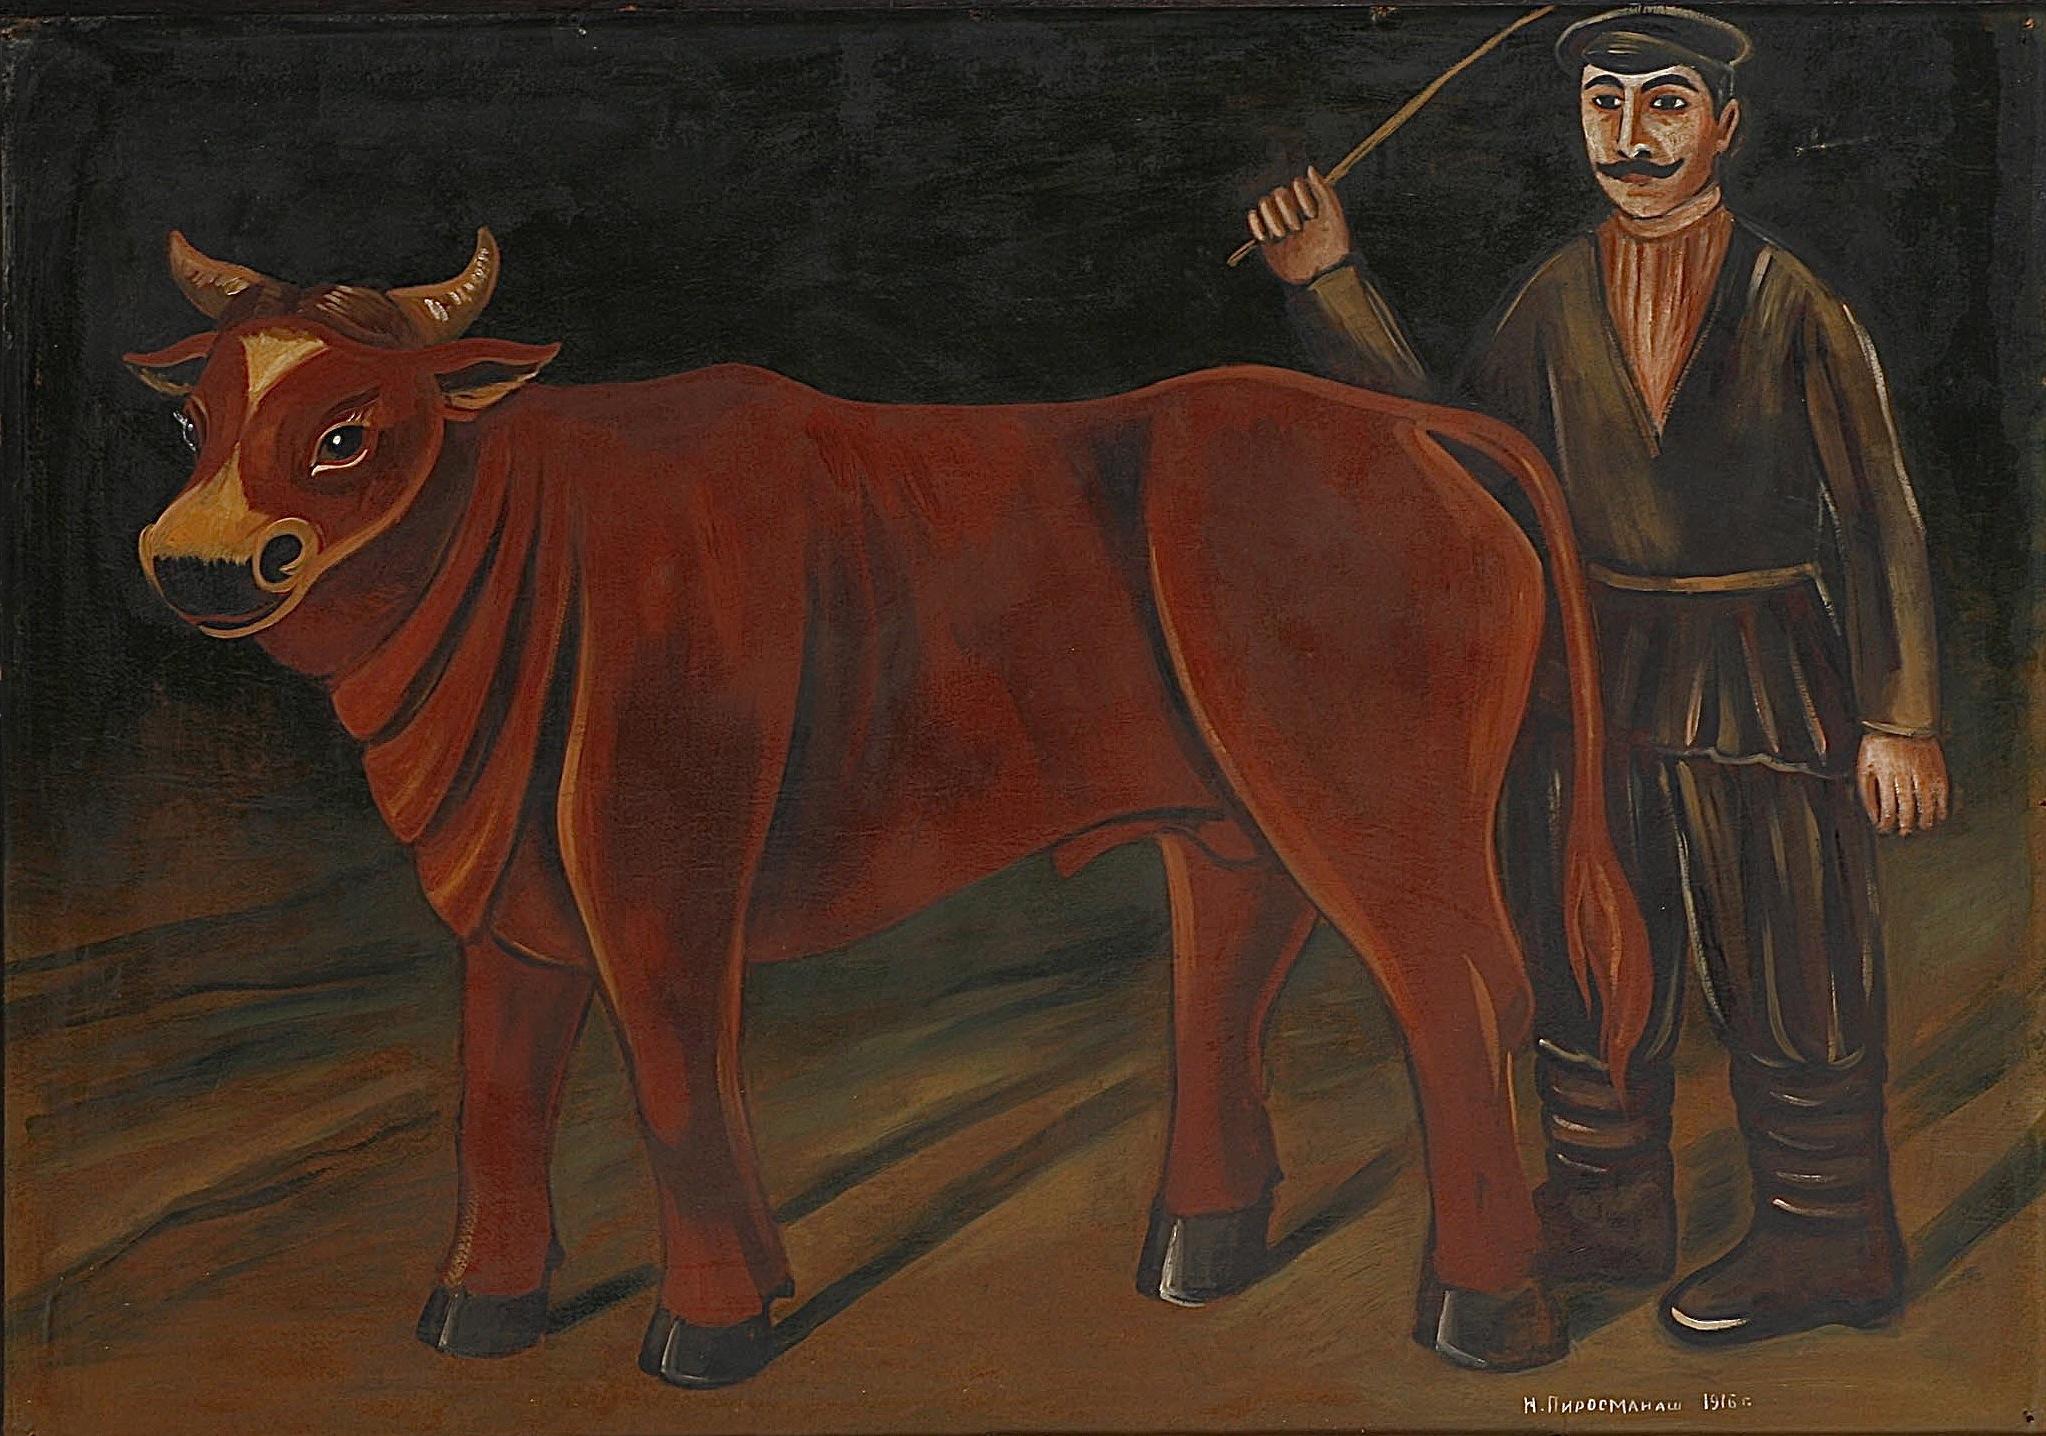 Farmer with a Bull, 1916